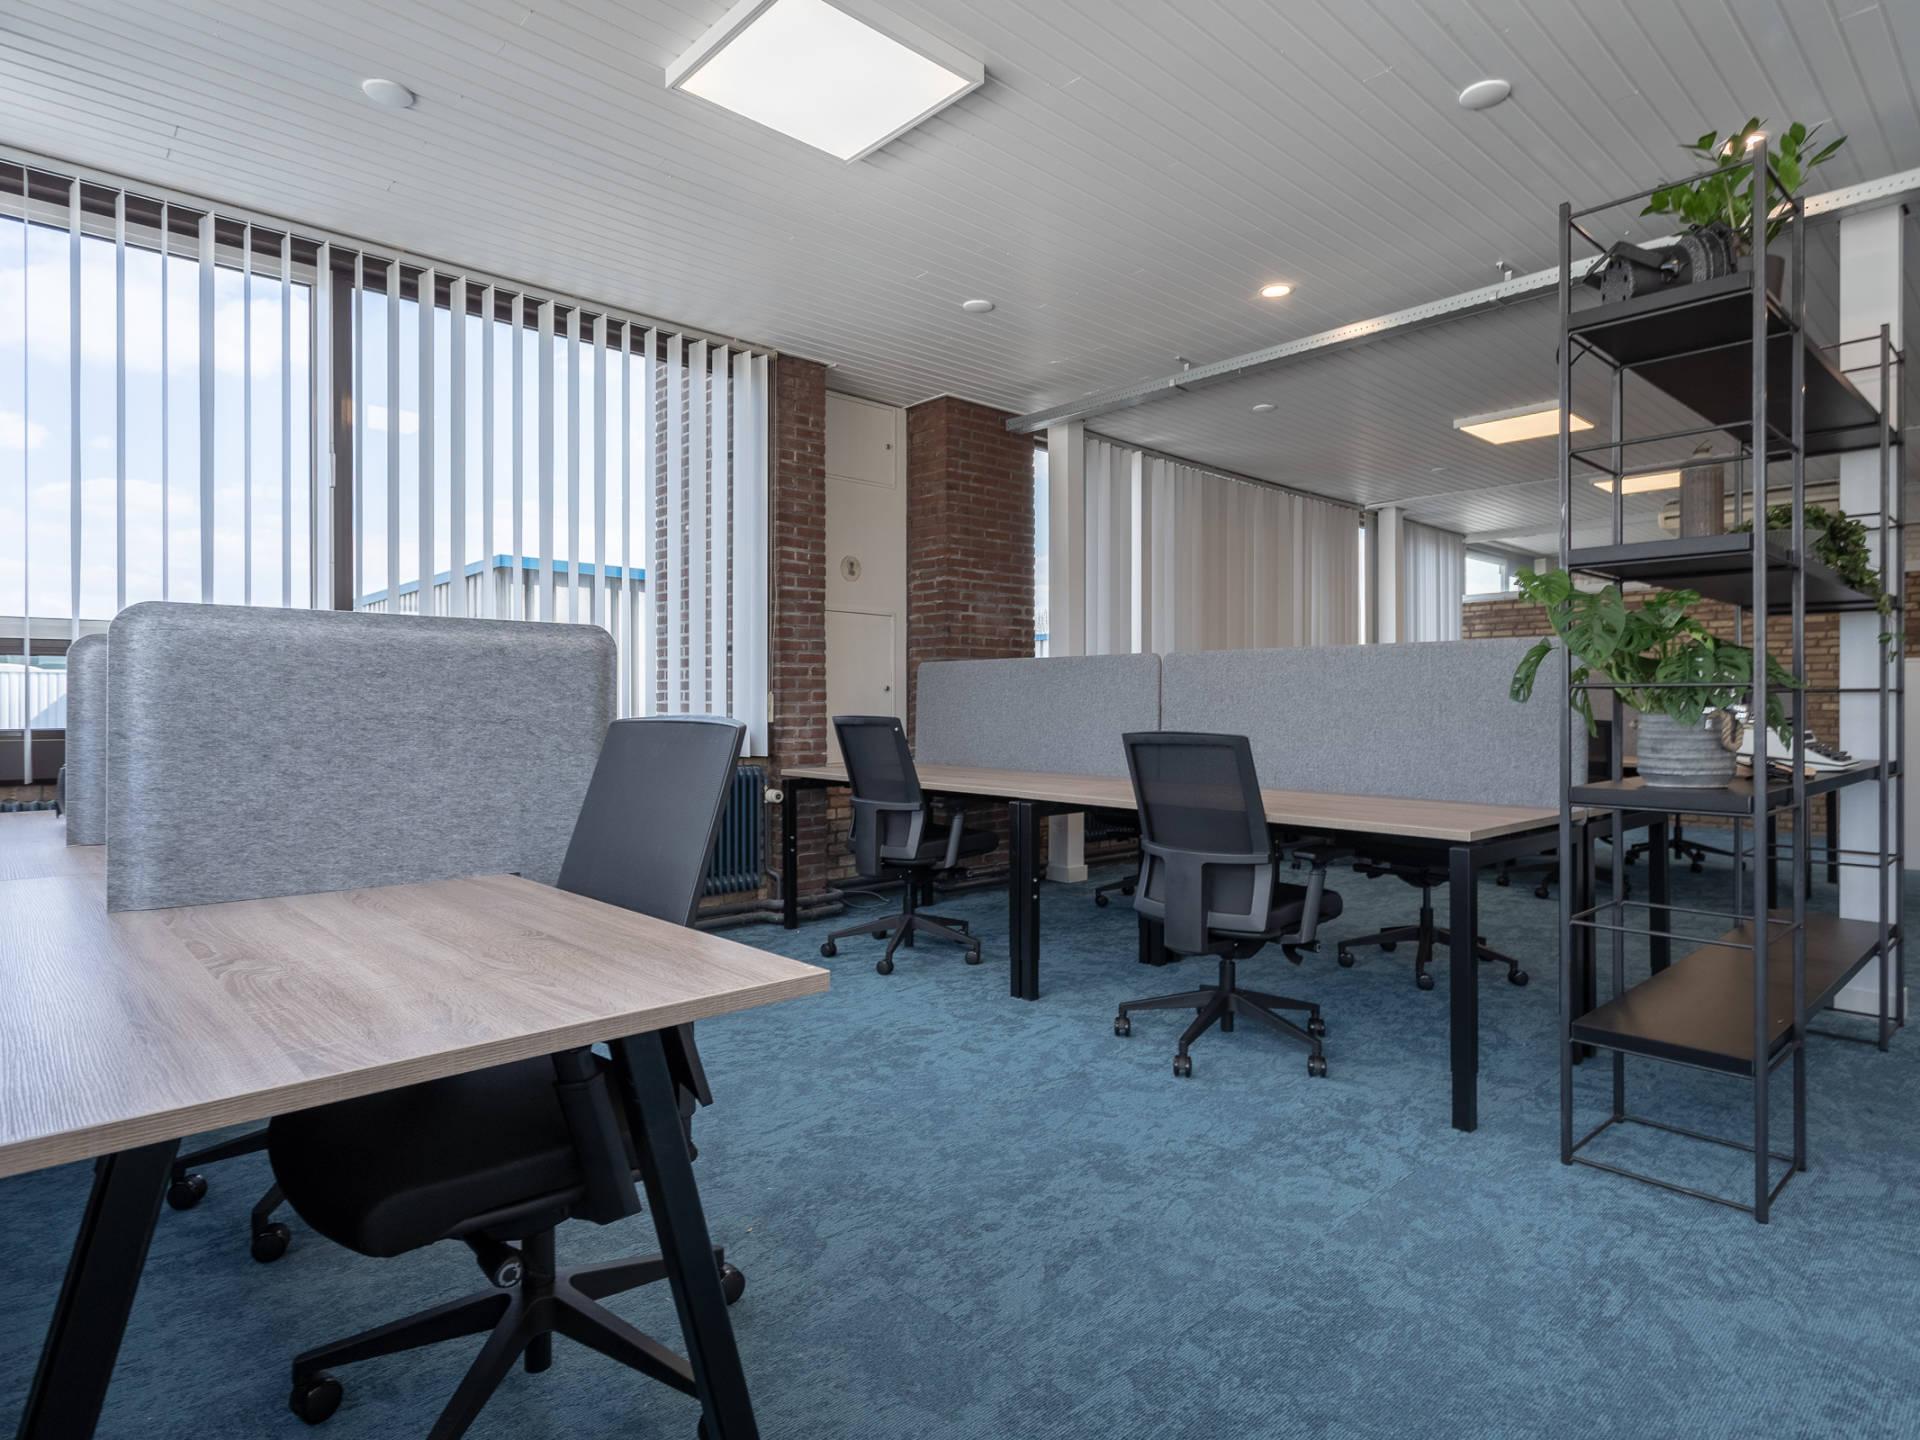 Flexibele werkplekken bij City Hub met dank aan SKEPP